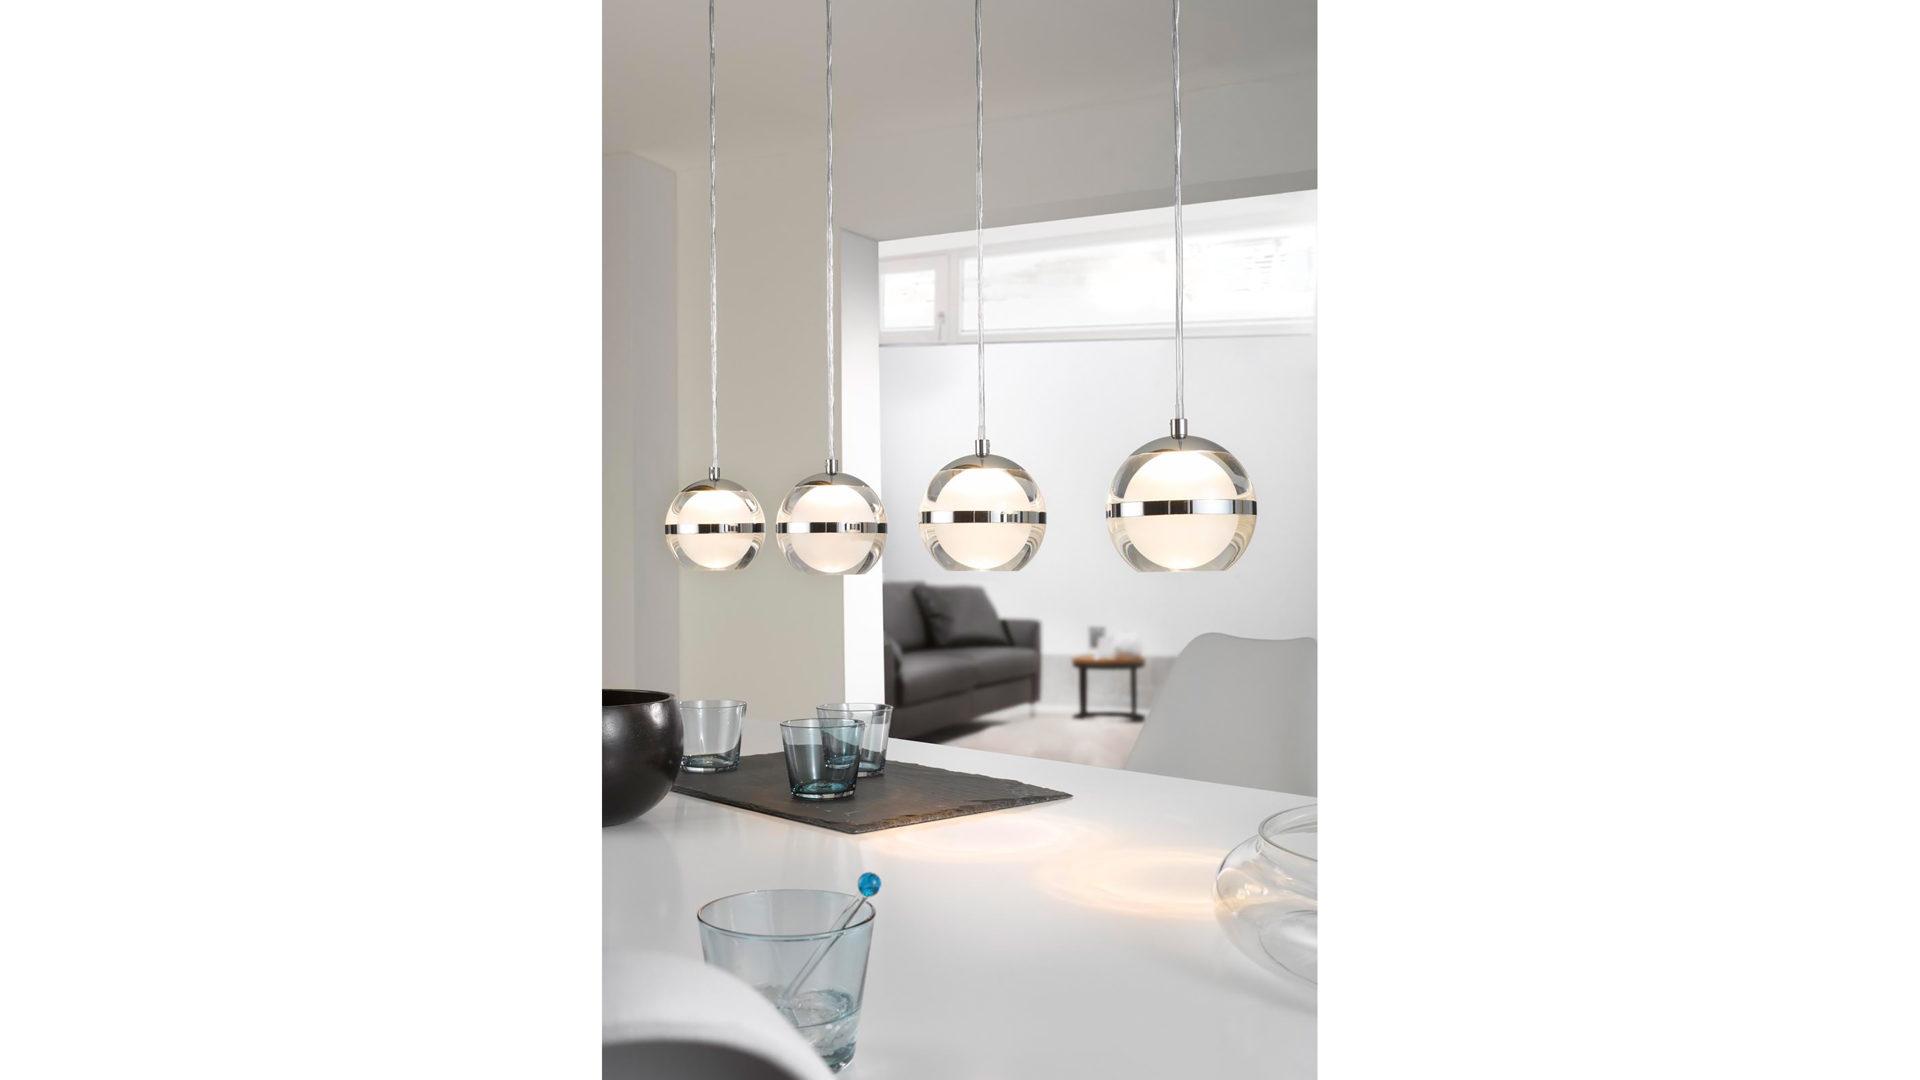 Moderne Lampen 75 : Lampe esszimmer chrom moderne led chrom gold kupfer glaskugel